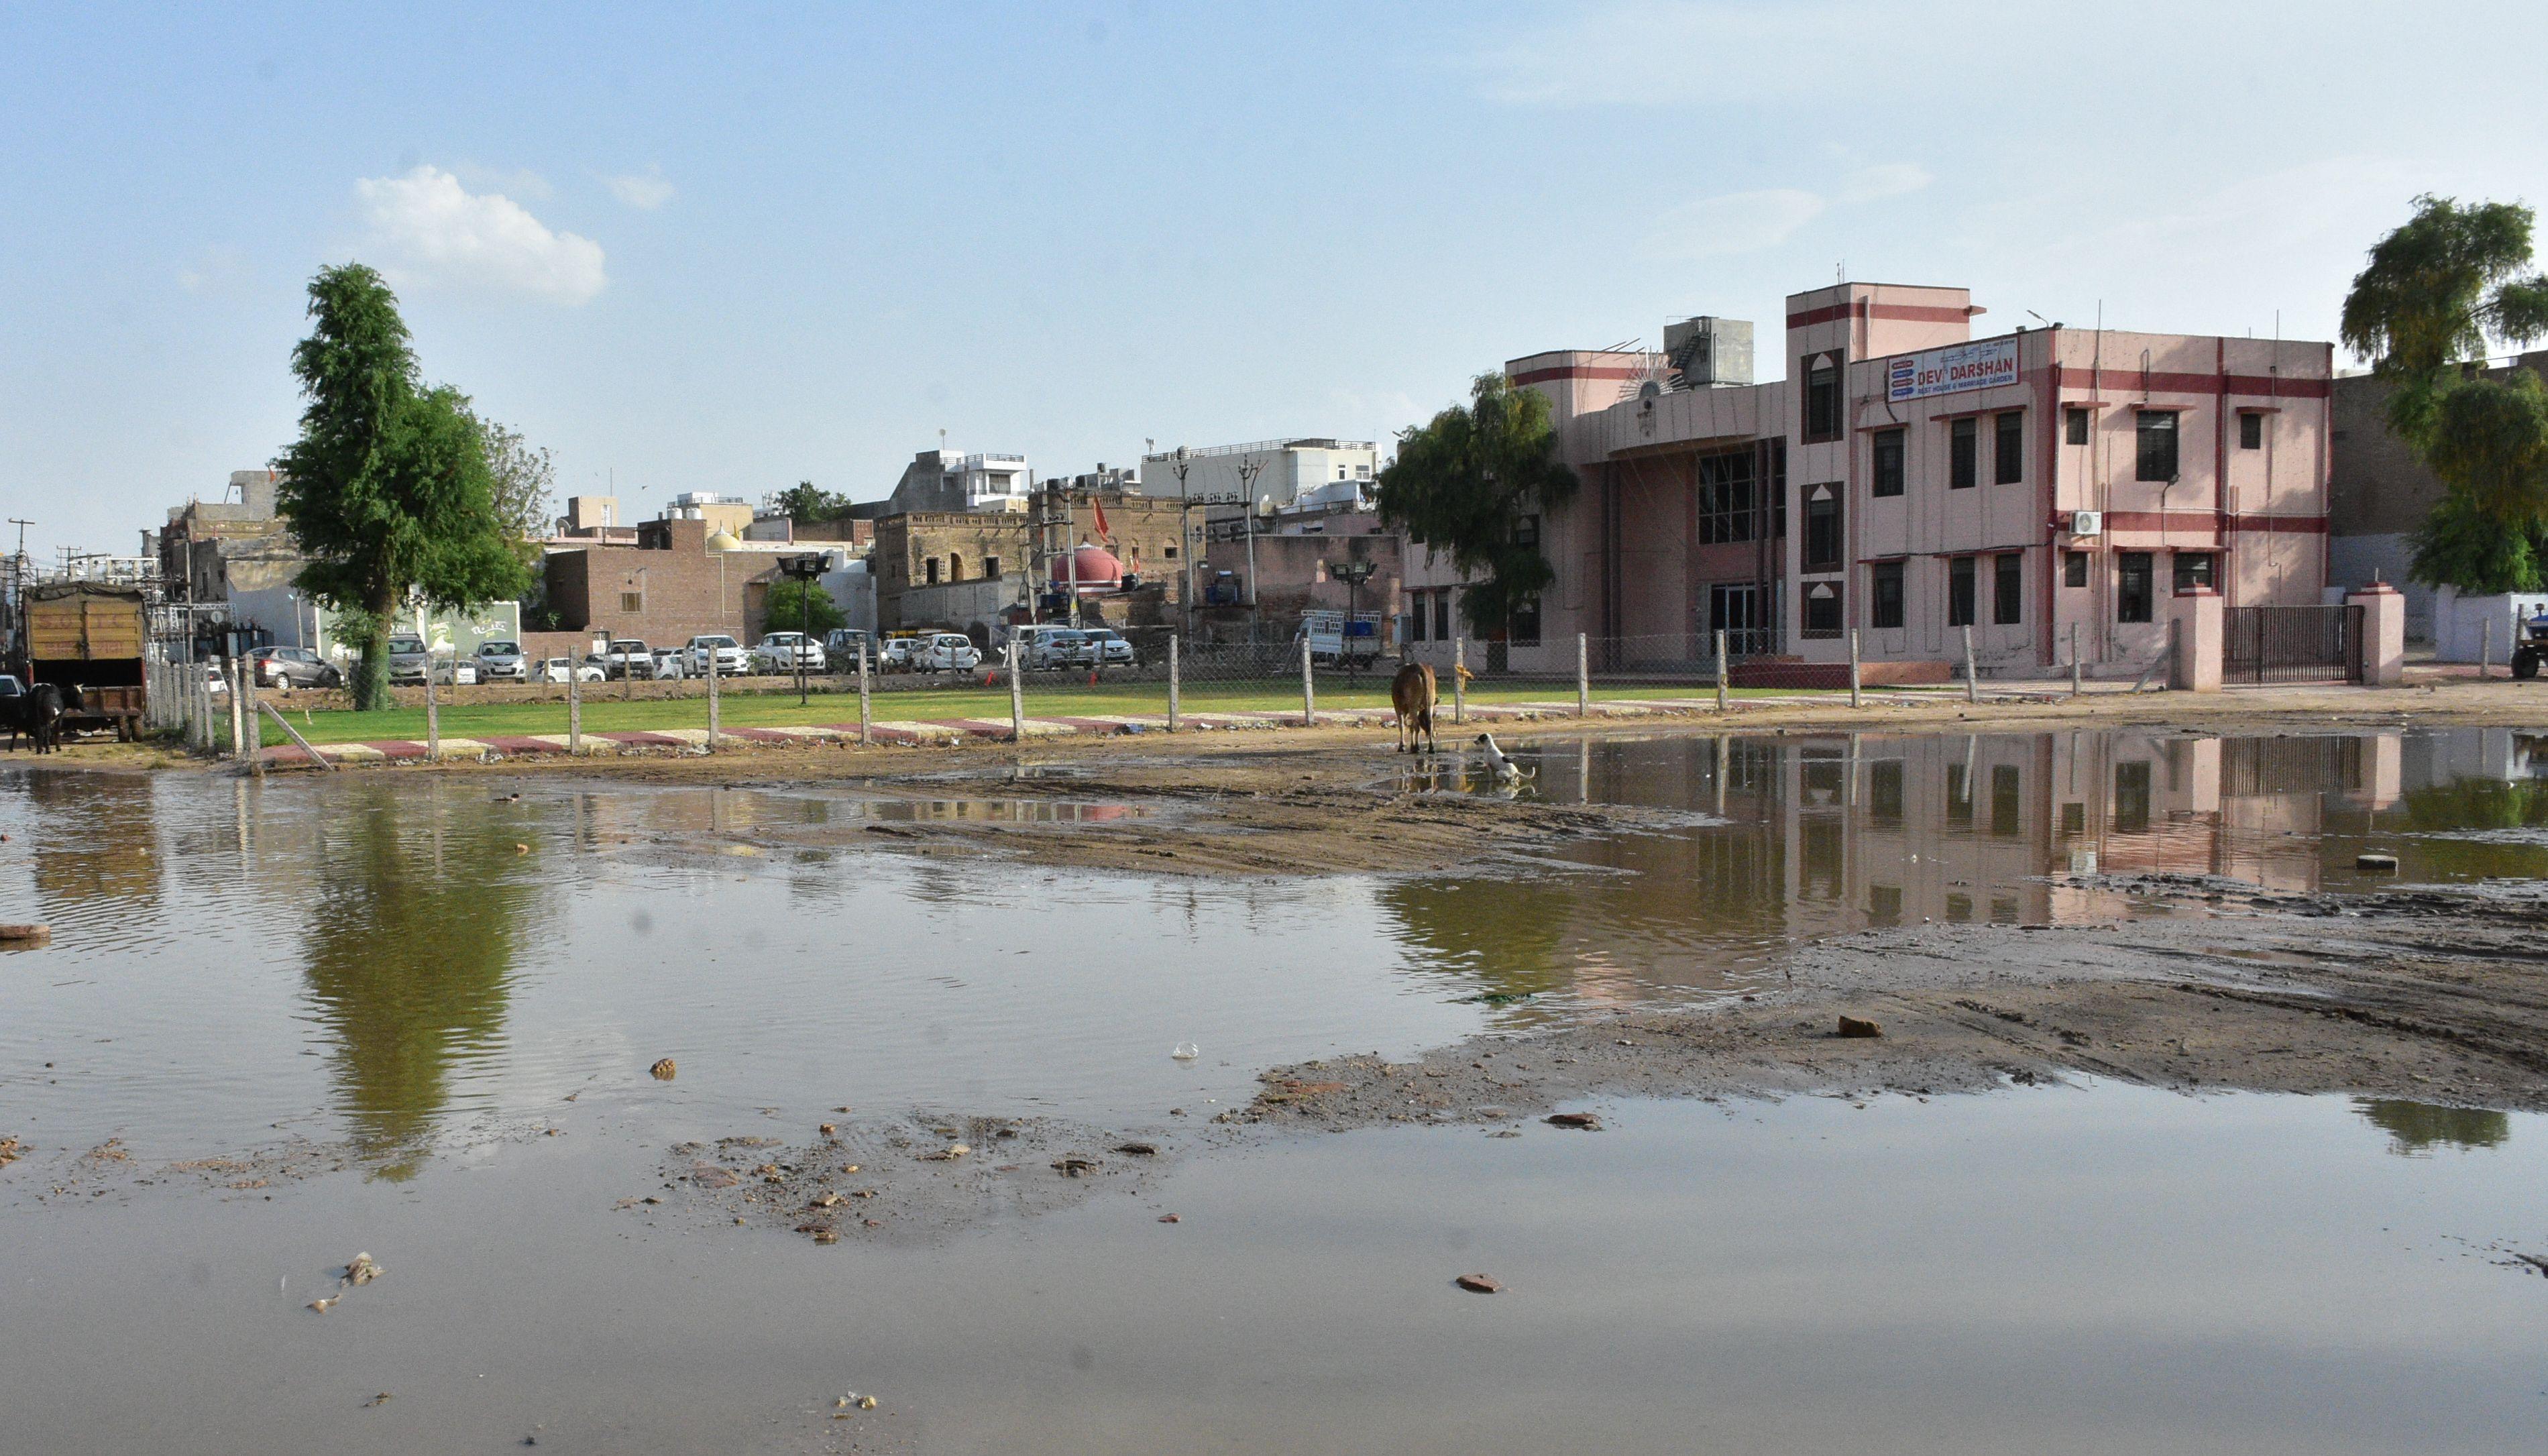 बारिश के पानी से सड़क पर जमा हुआ कीचड़, अब फिसलन